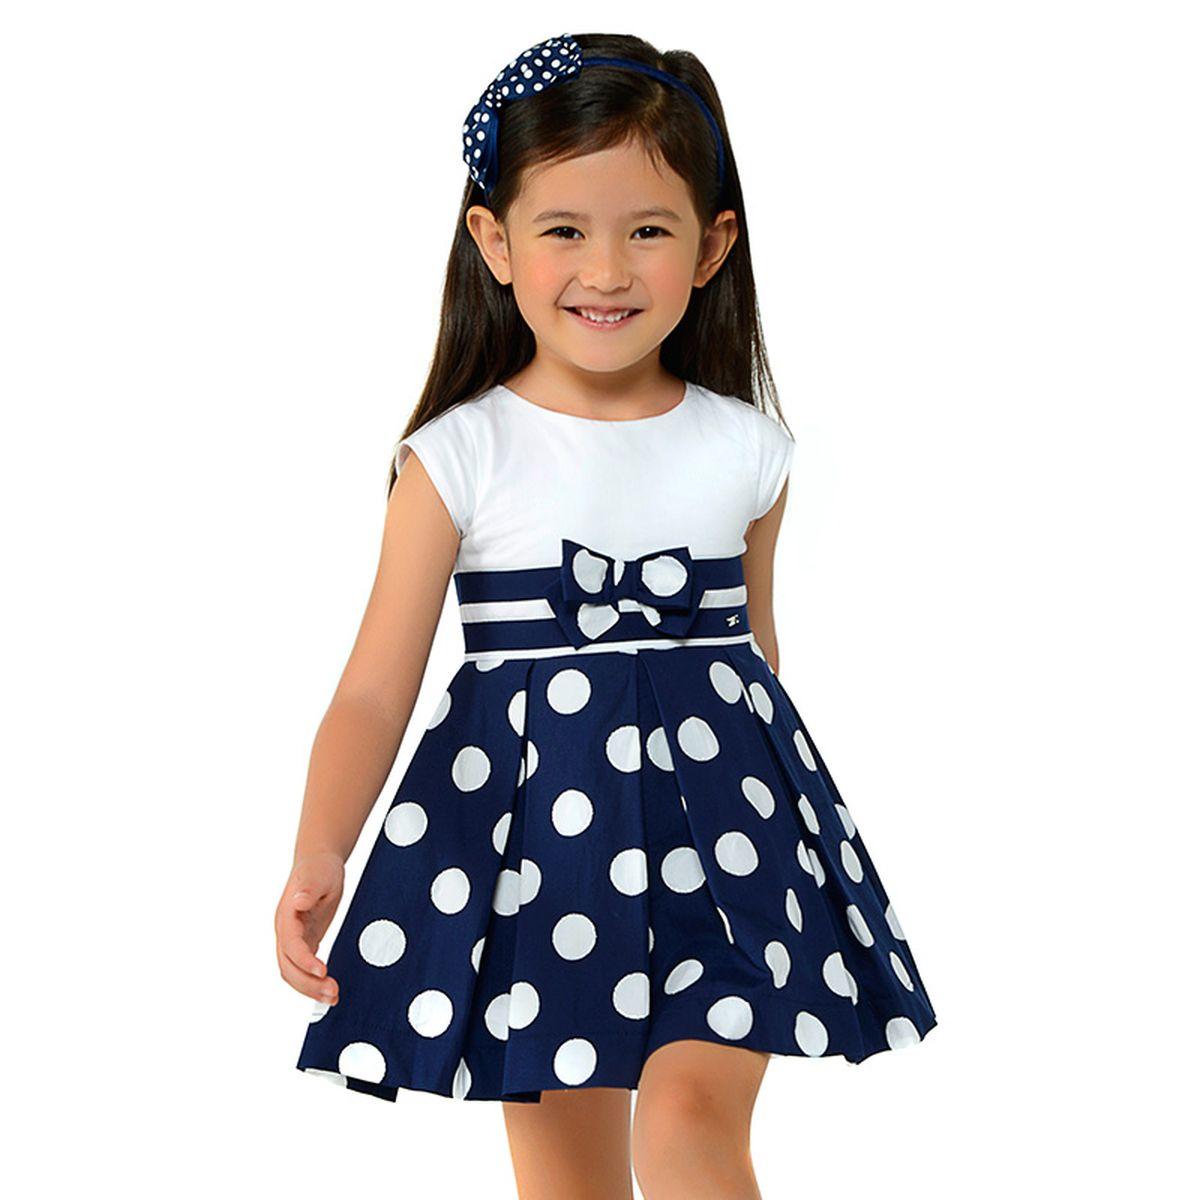 Платье для девочки Mayoral, цвет: темно-синий. 3938-85-6G. Размер 128, 8 лет3938-85-6G